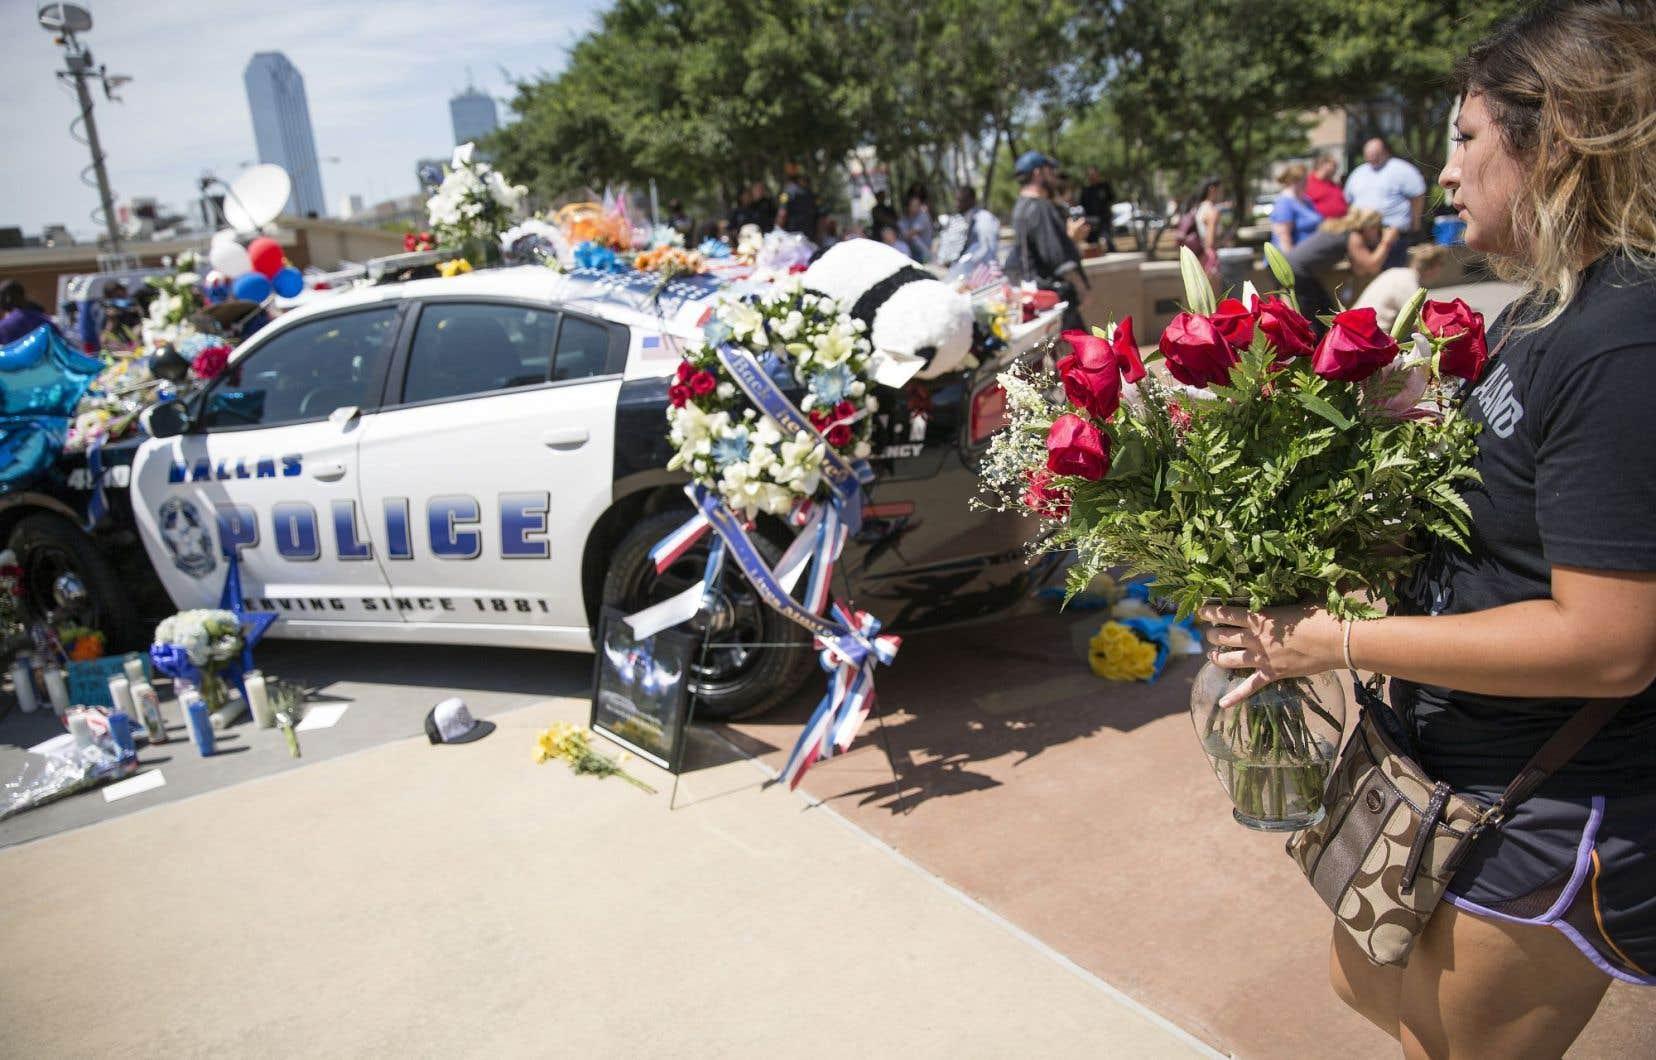 Le quartier général de la police de Dallas a été transformé en mémorial en l'honneur des cinq policiers abattus par un tireur embusqué, dans la nuit de jeudi à vendredi.